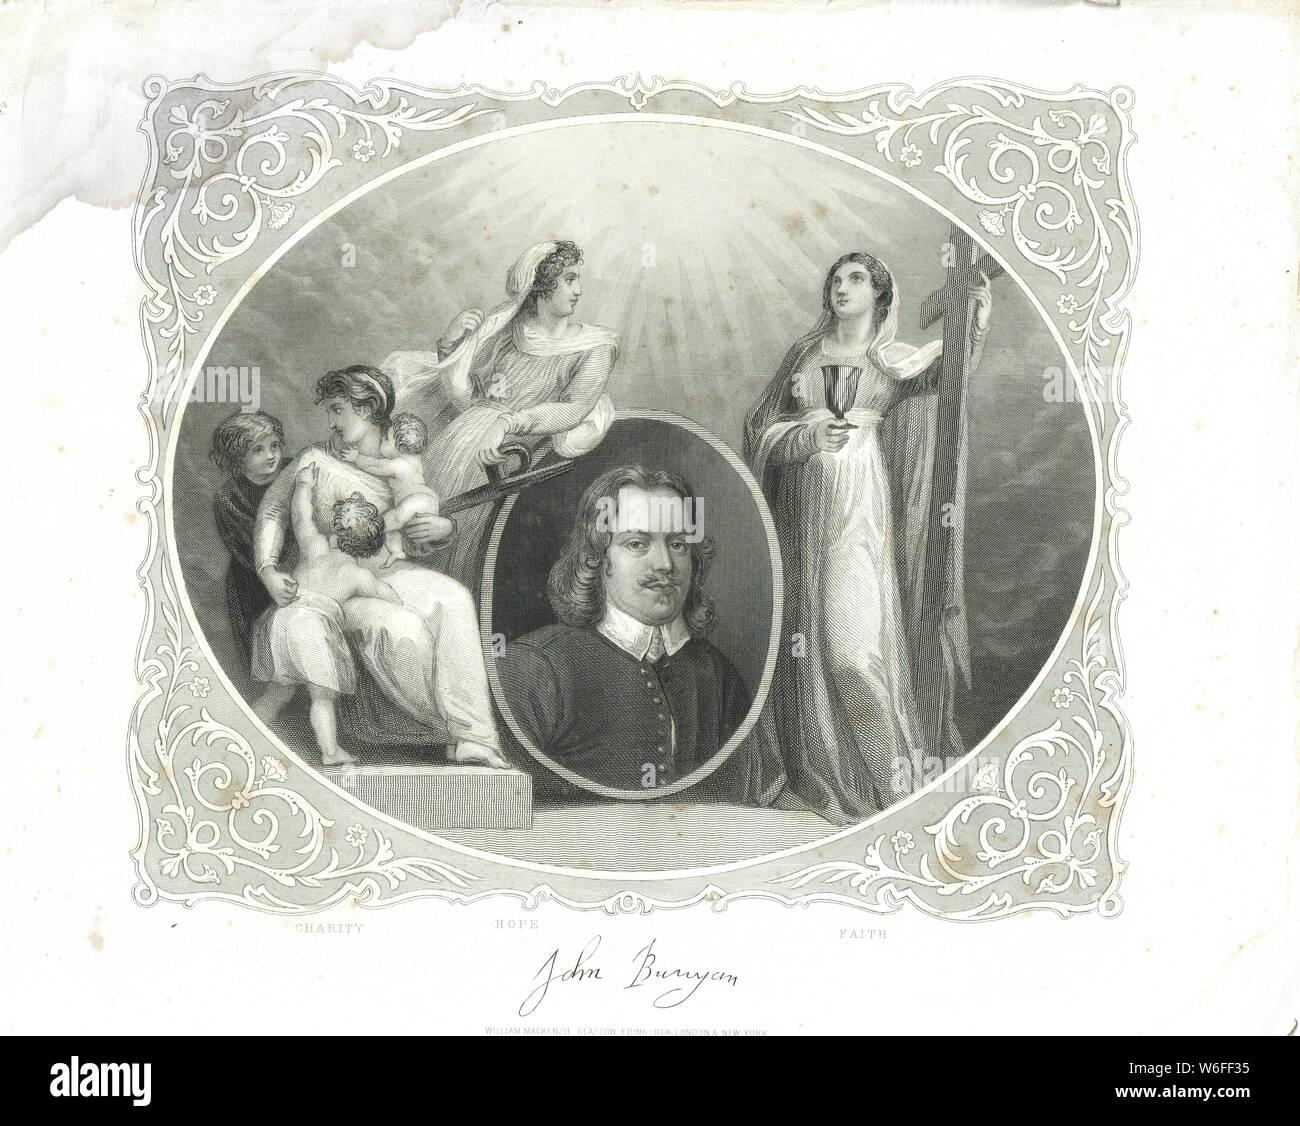 La caridad, Esperanza y fe, retratada con John Bunyan, autor de El Progreso del Peregrino Foto de stock